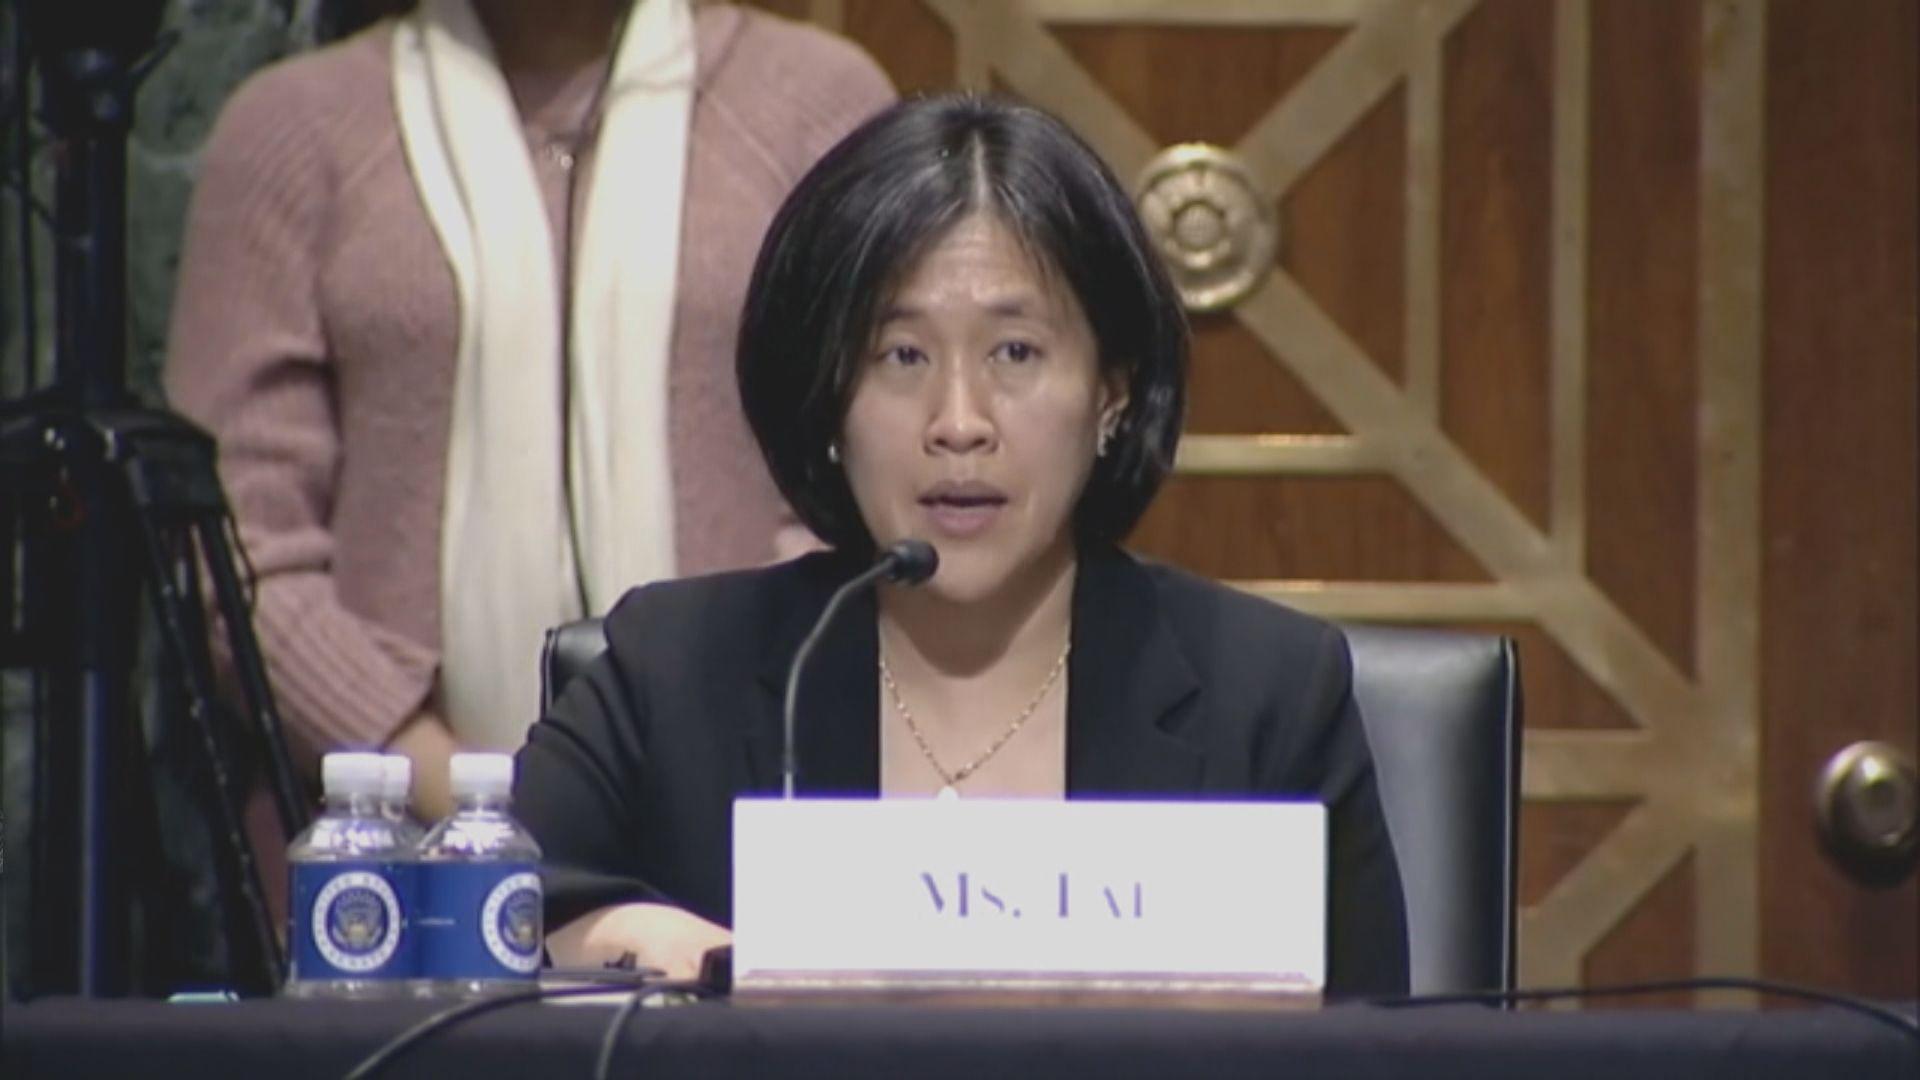 美國貿易代表提名人指將會確保中國履行貿易協議承諾